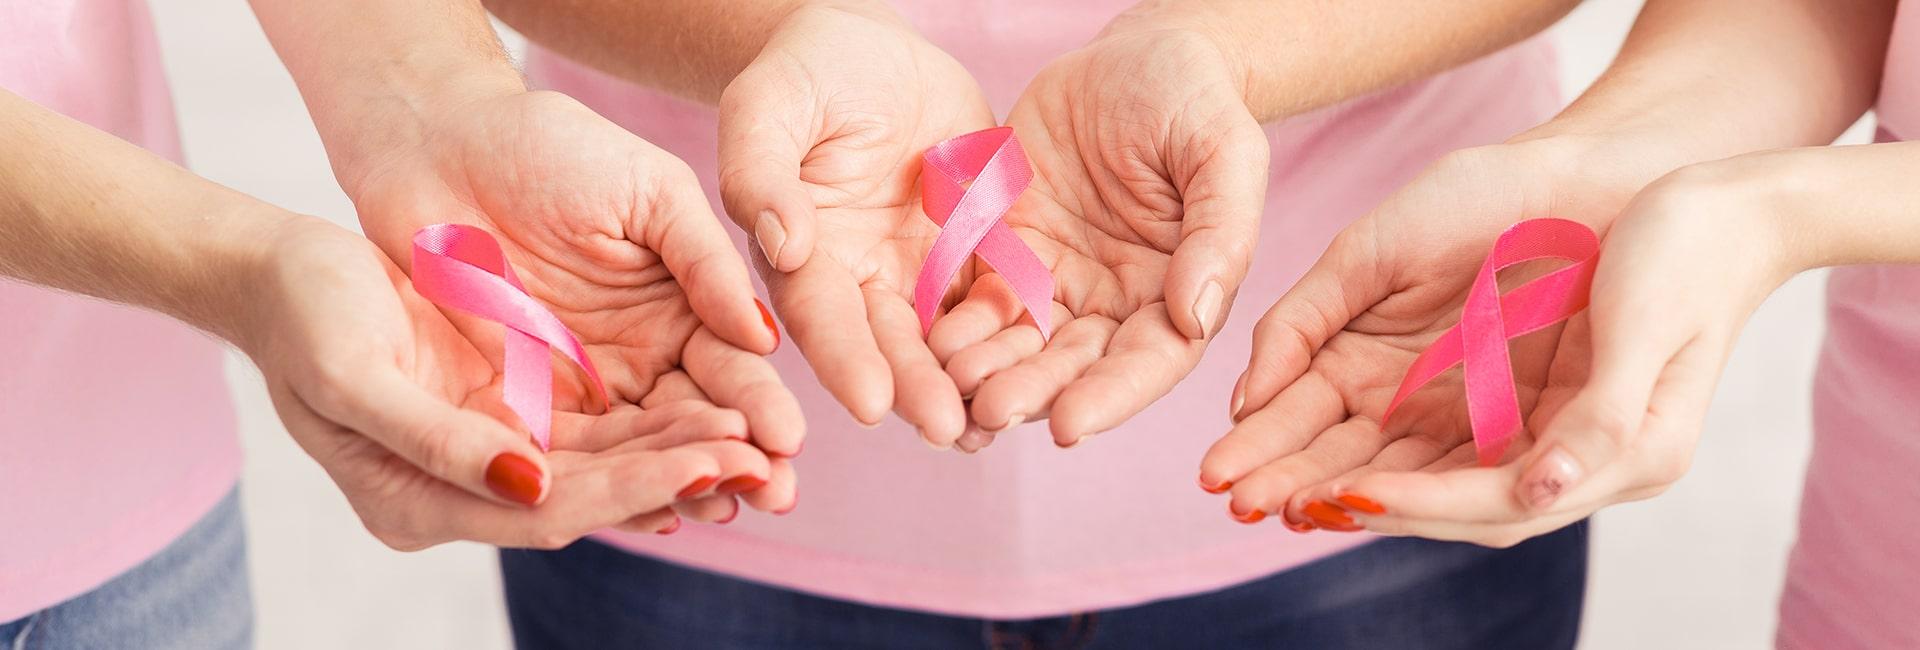 Optimizada breast cancer awareness